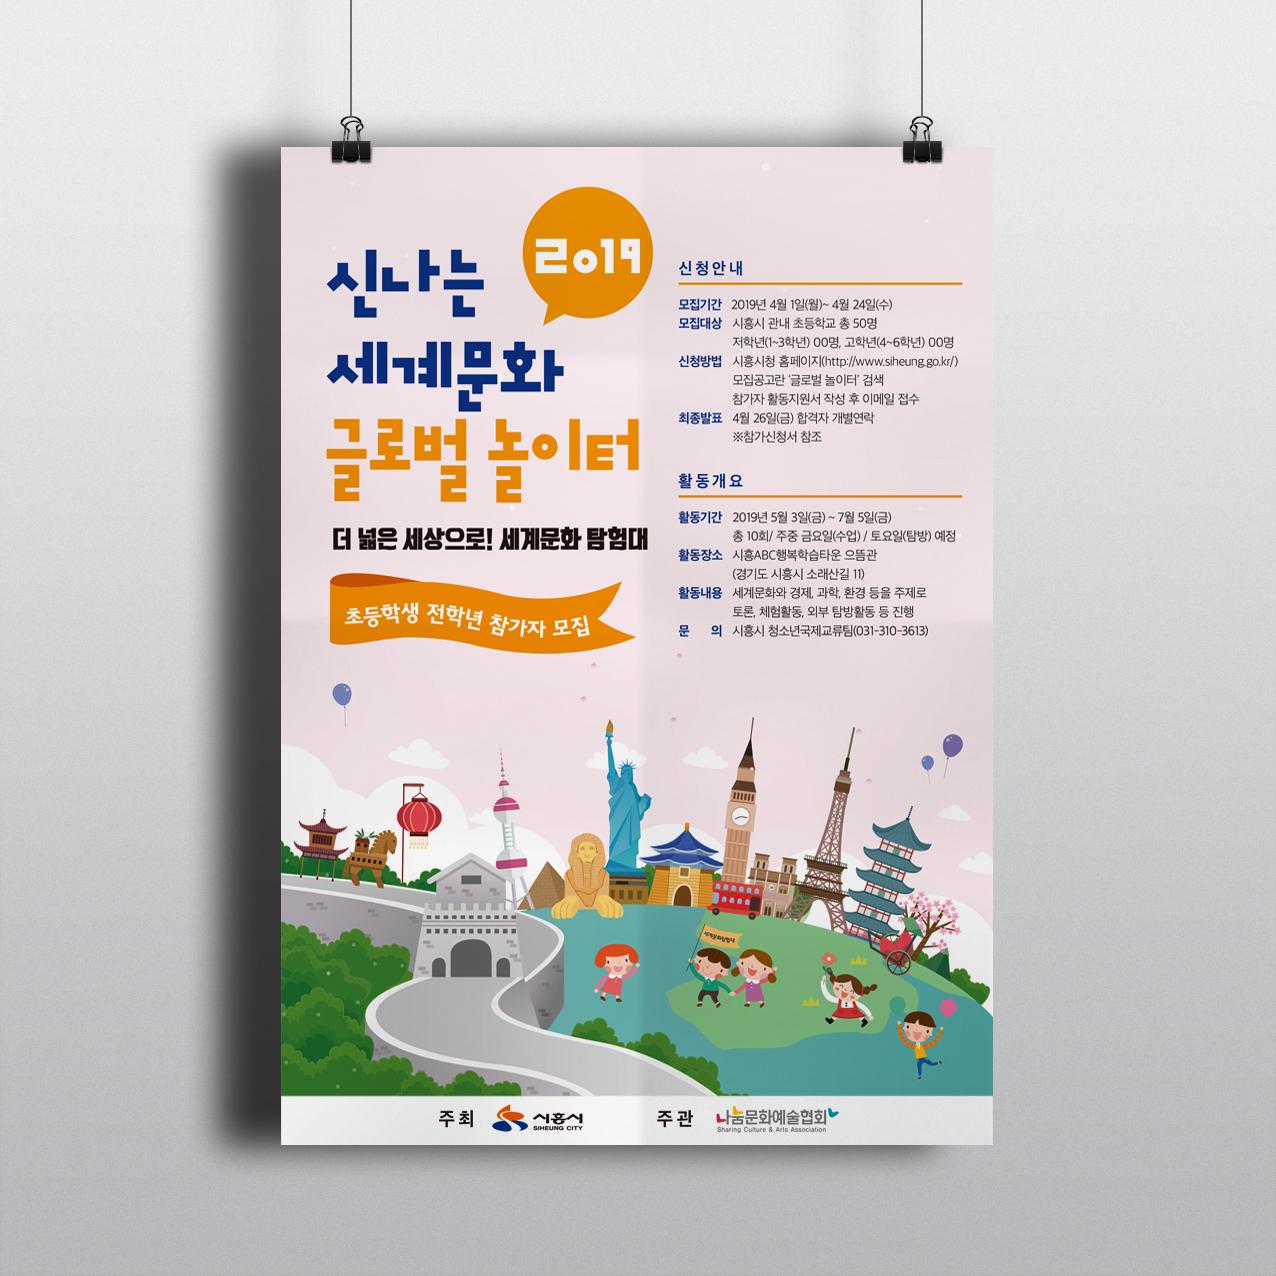 2019 신나는 세계문화 글로벌 놀이터 포스터 디자인 시안 - 나눔문화예술협회